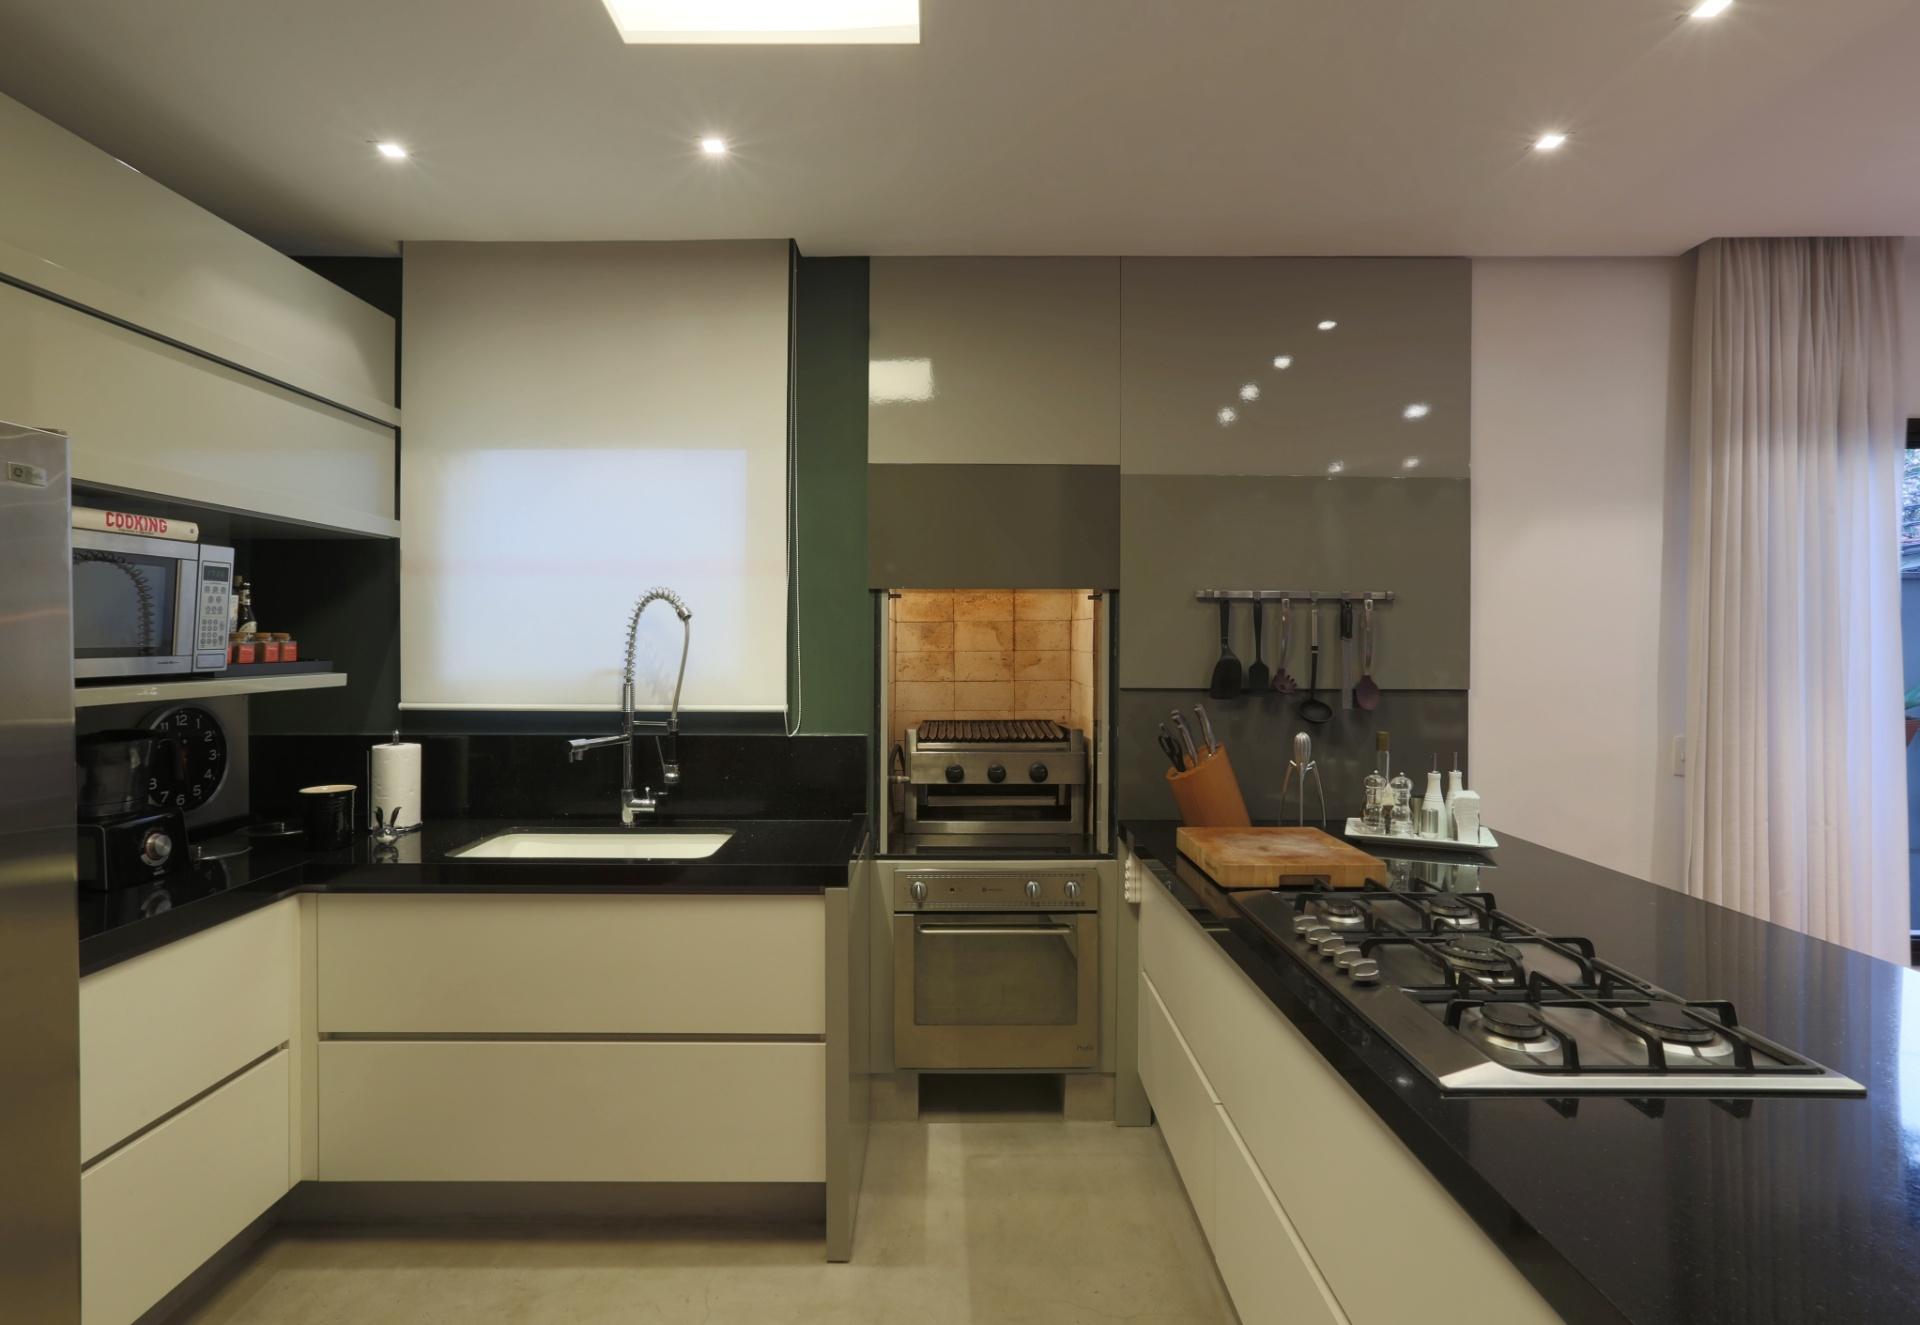 Na cozinha a cuba (à esq.) de Corian é grande (70 cm x 40 cm) e tem  #4B5E80 1920 1325